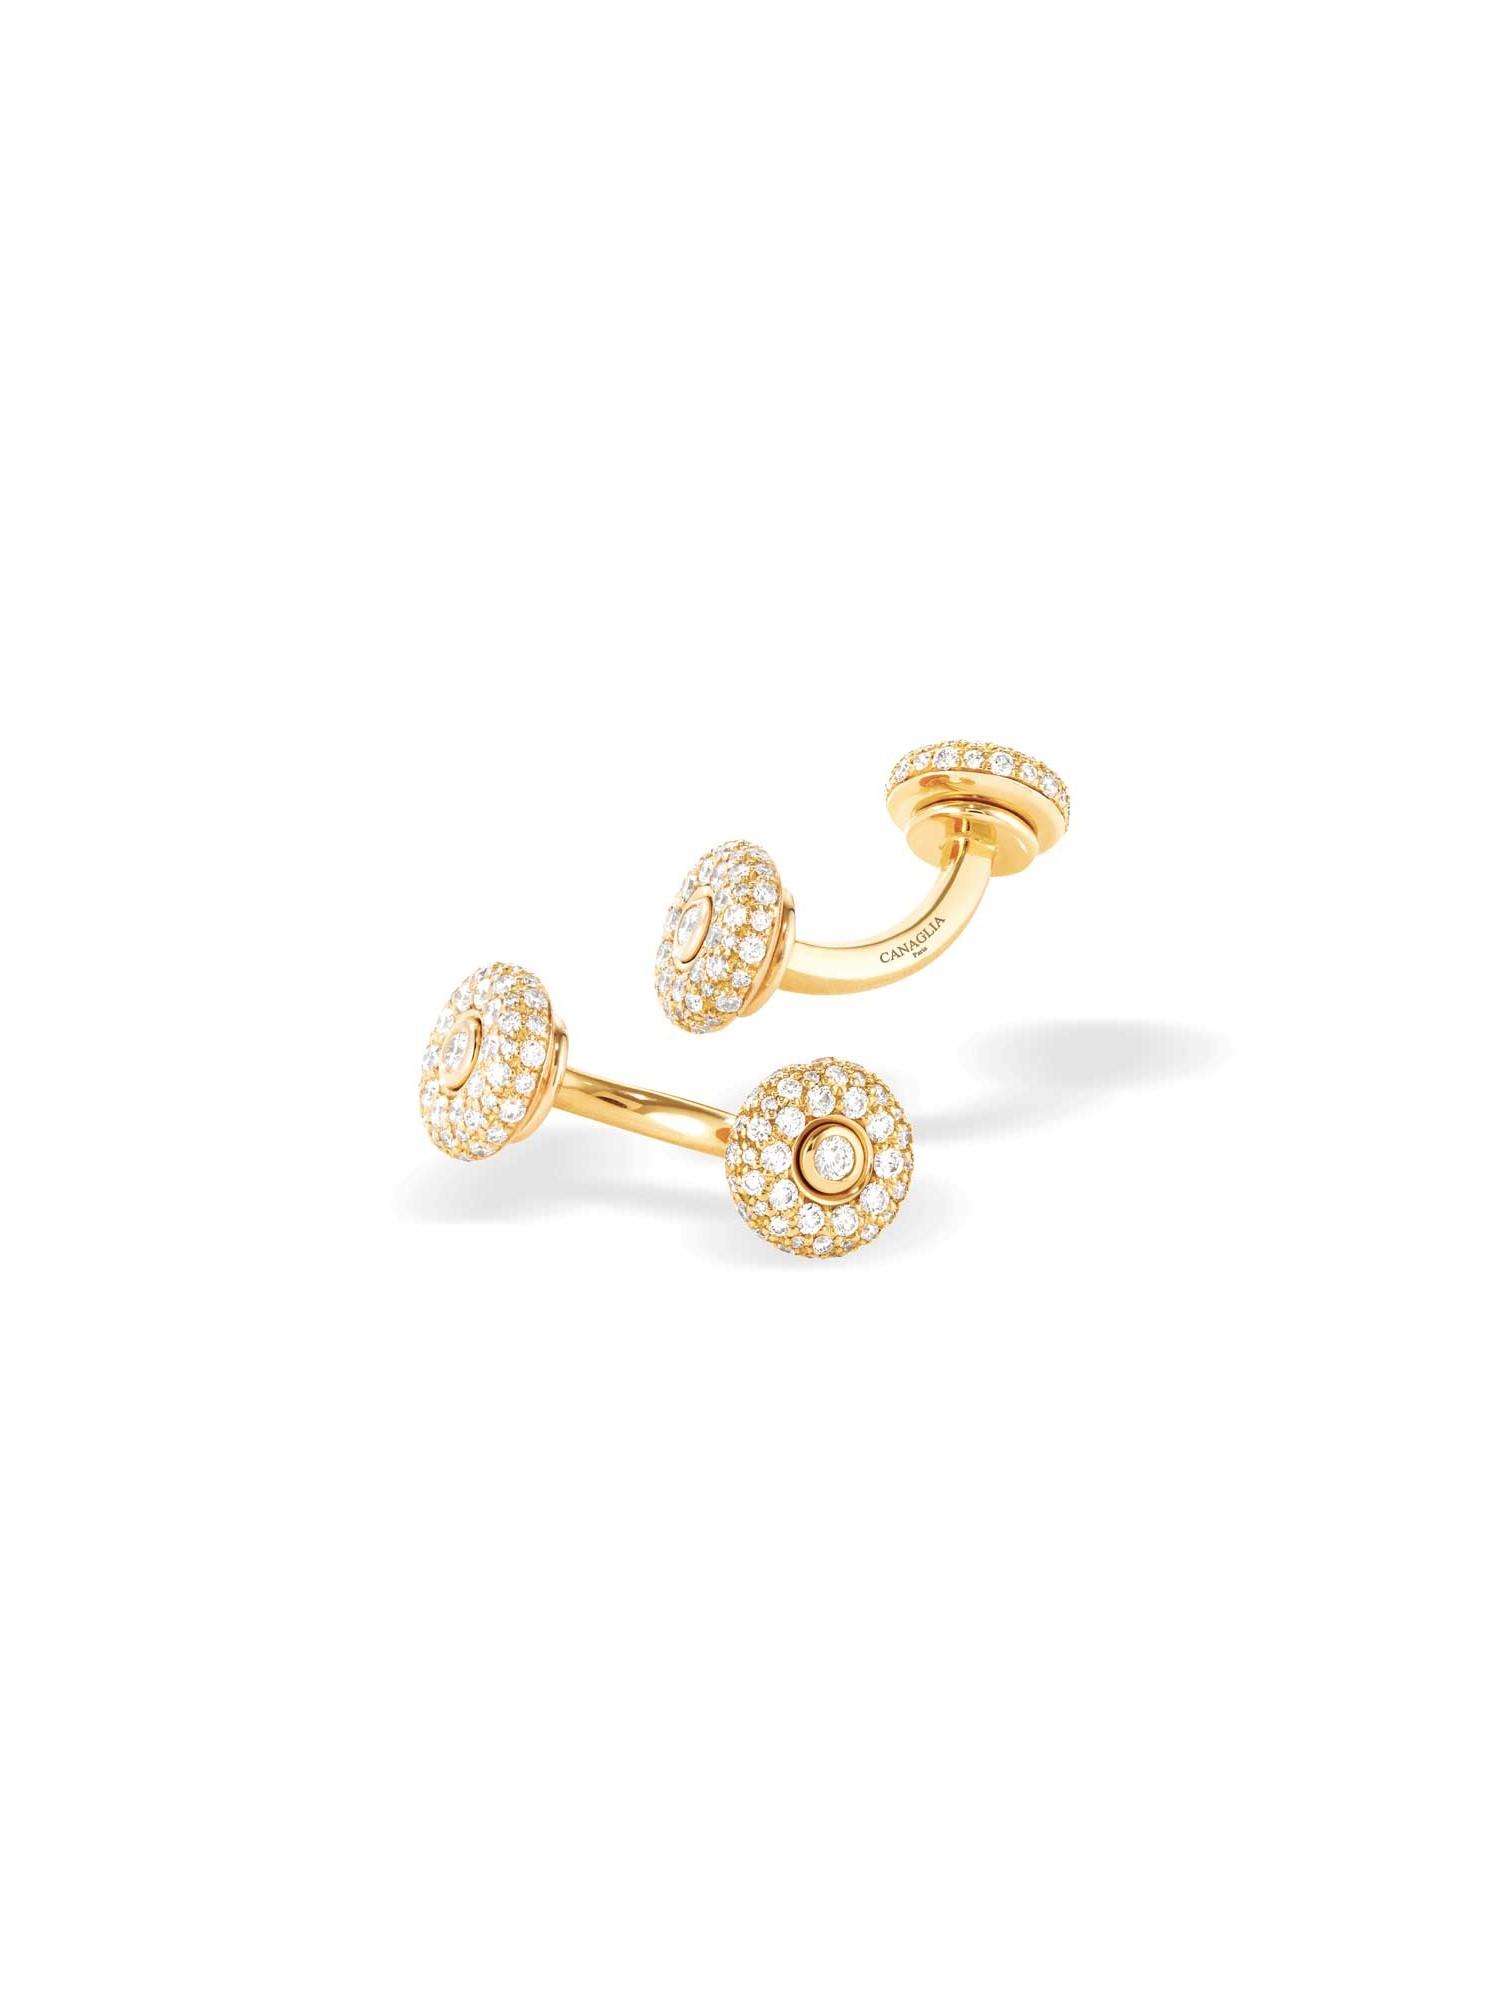 Boutons de manchette or jaune et diamants - Joaillerie Canaglia Paris-Milan